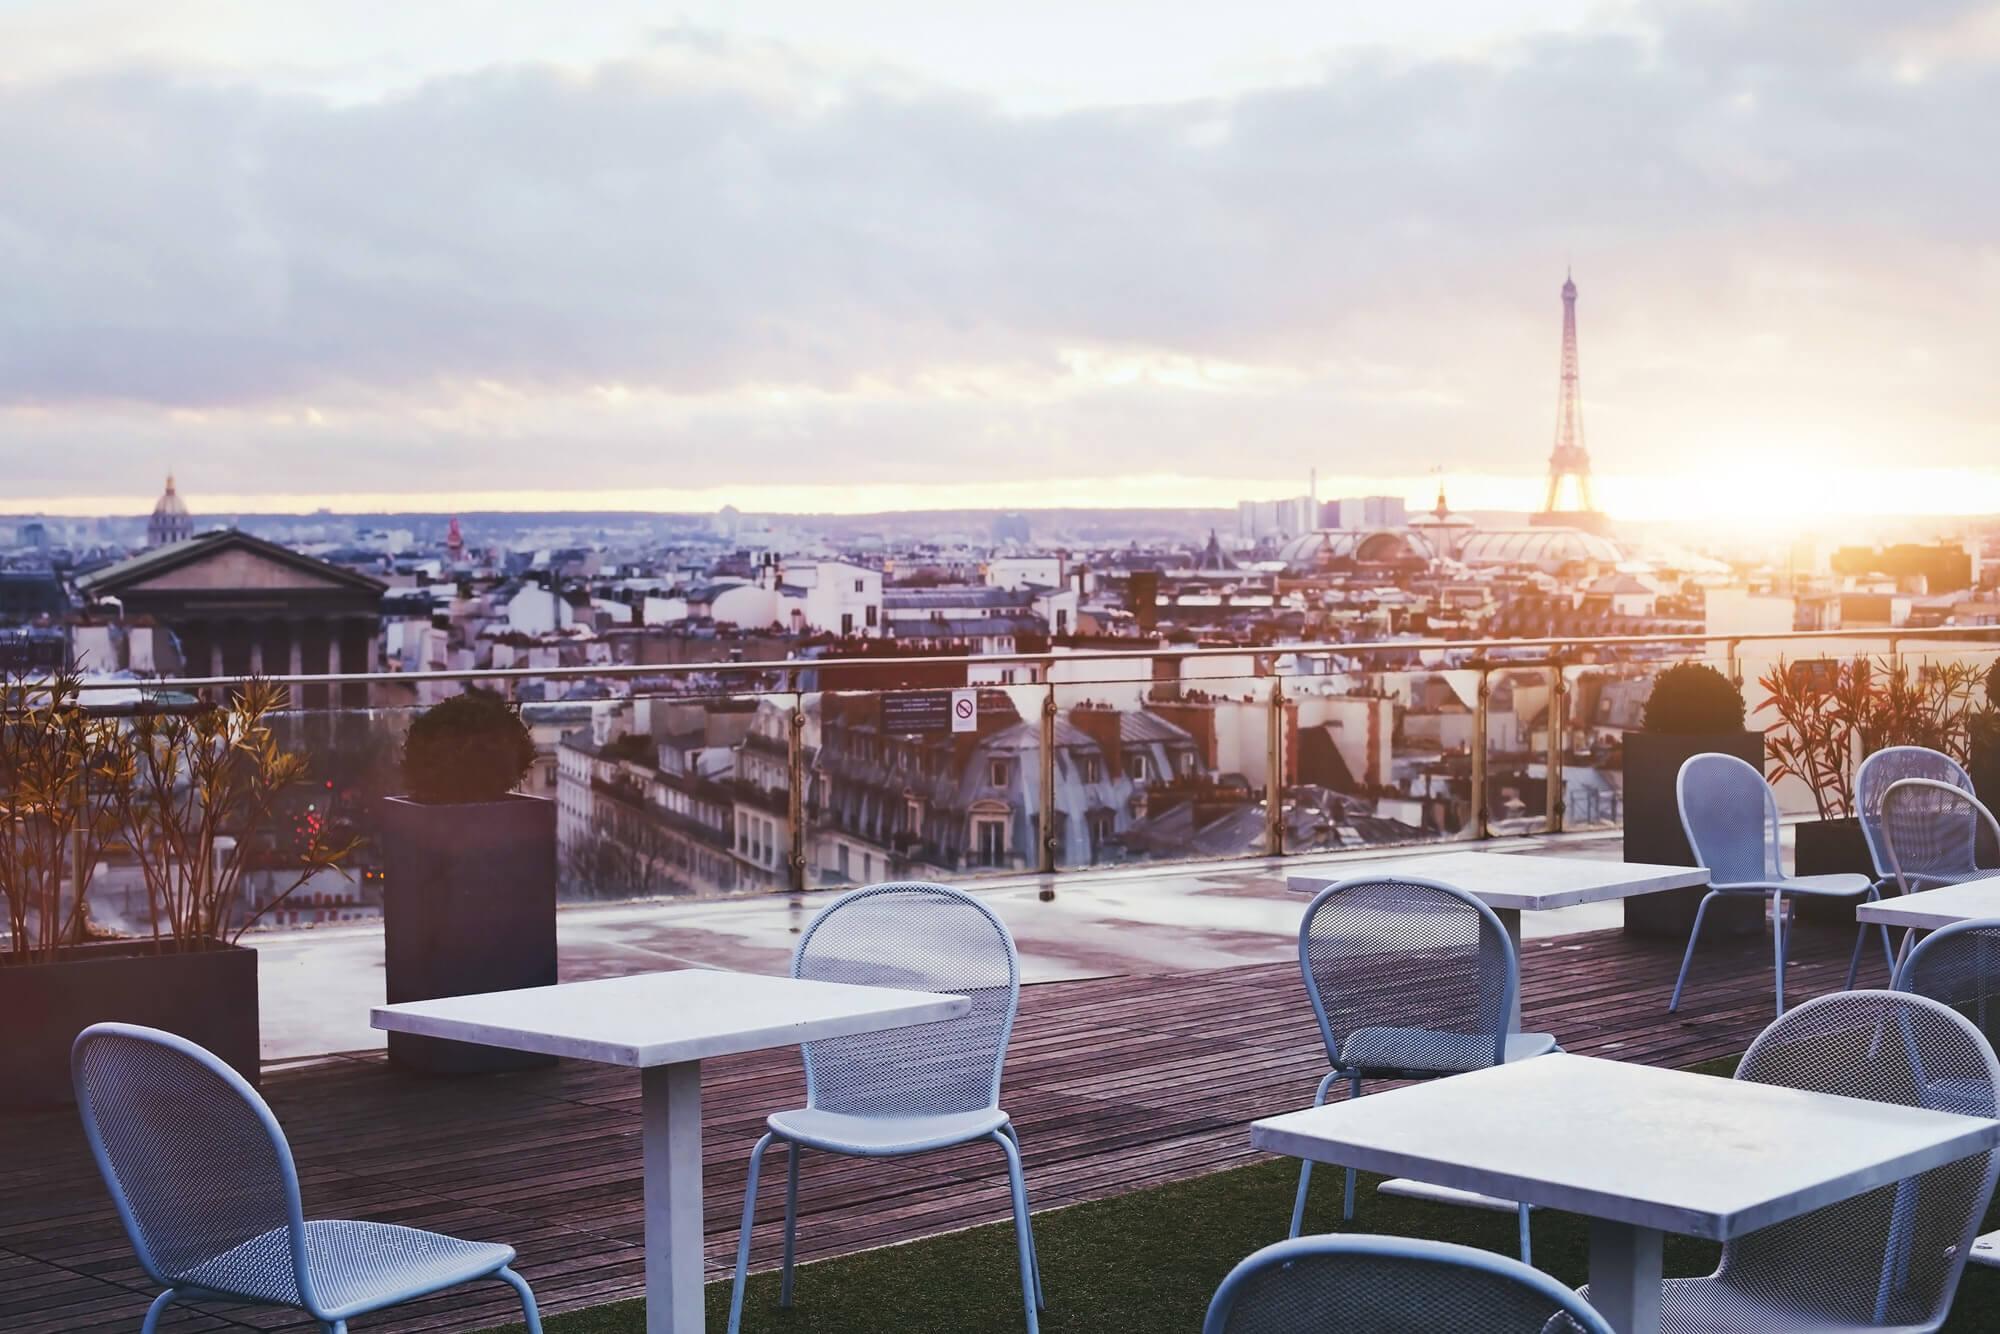 Photo prise d'une terrasse de laquelle on aperçoit les toits de Paris et la Tour Eiffel